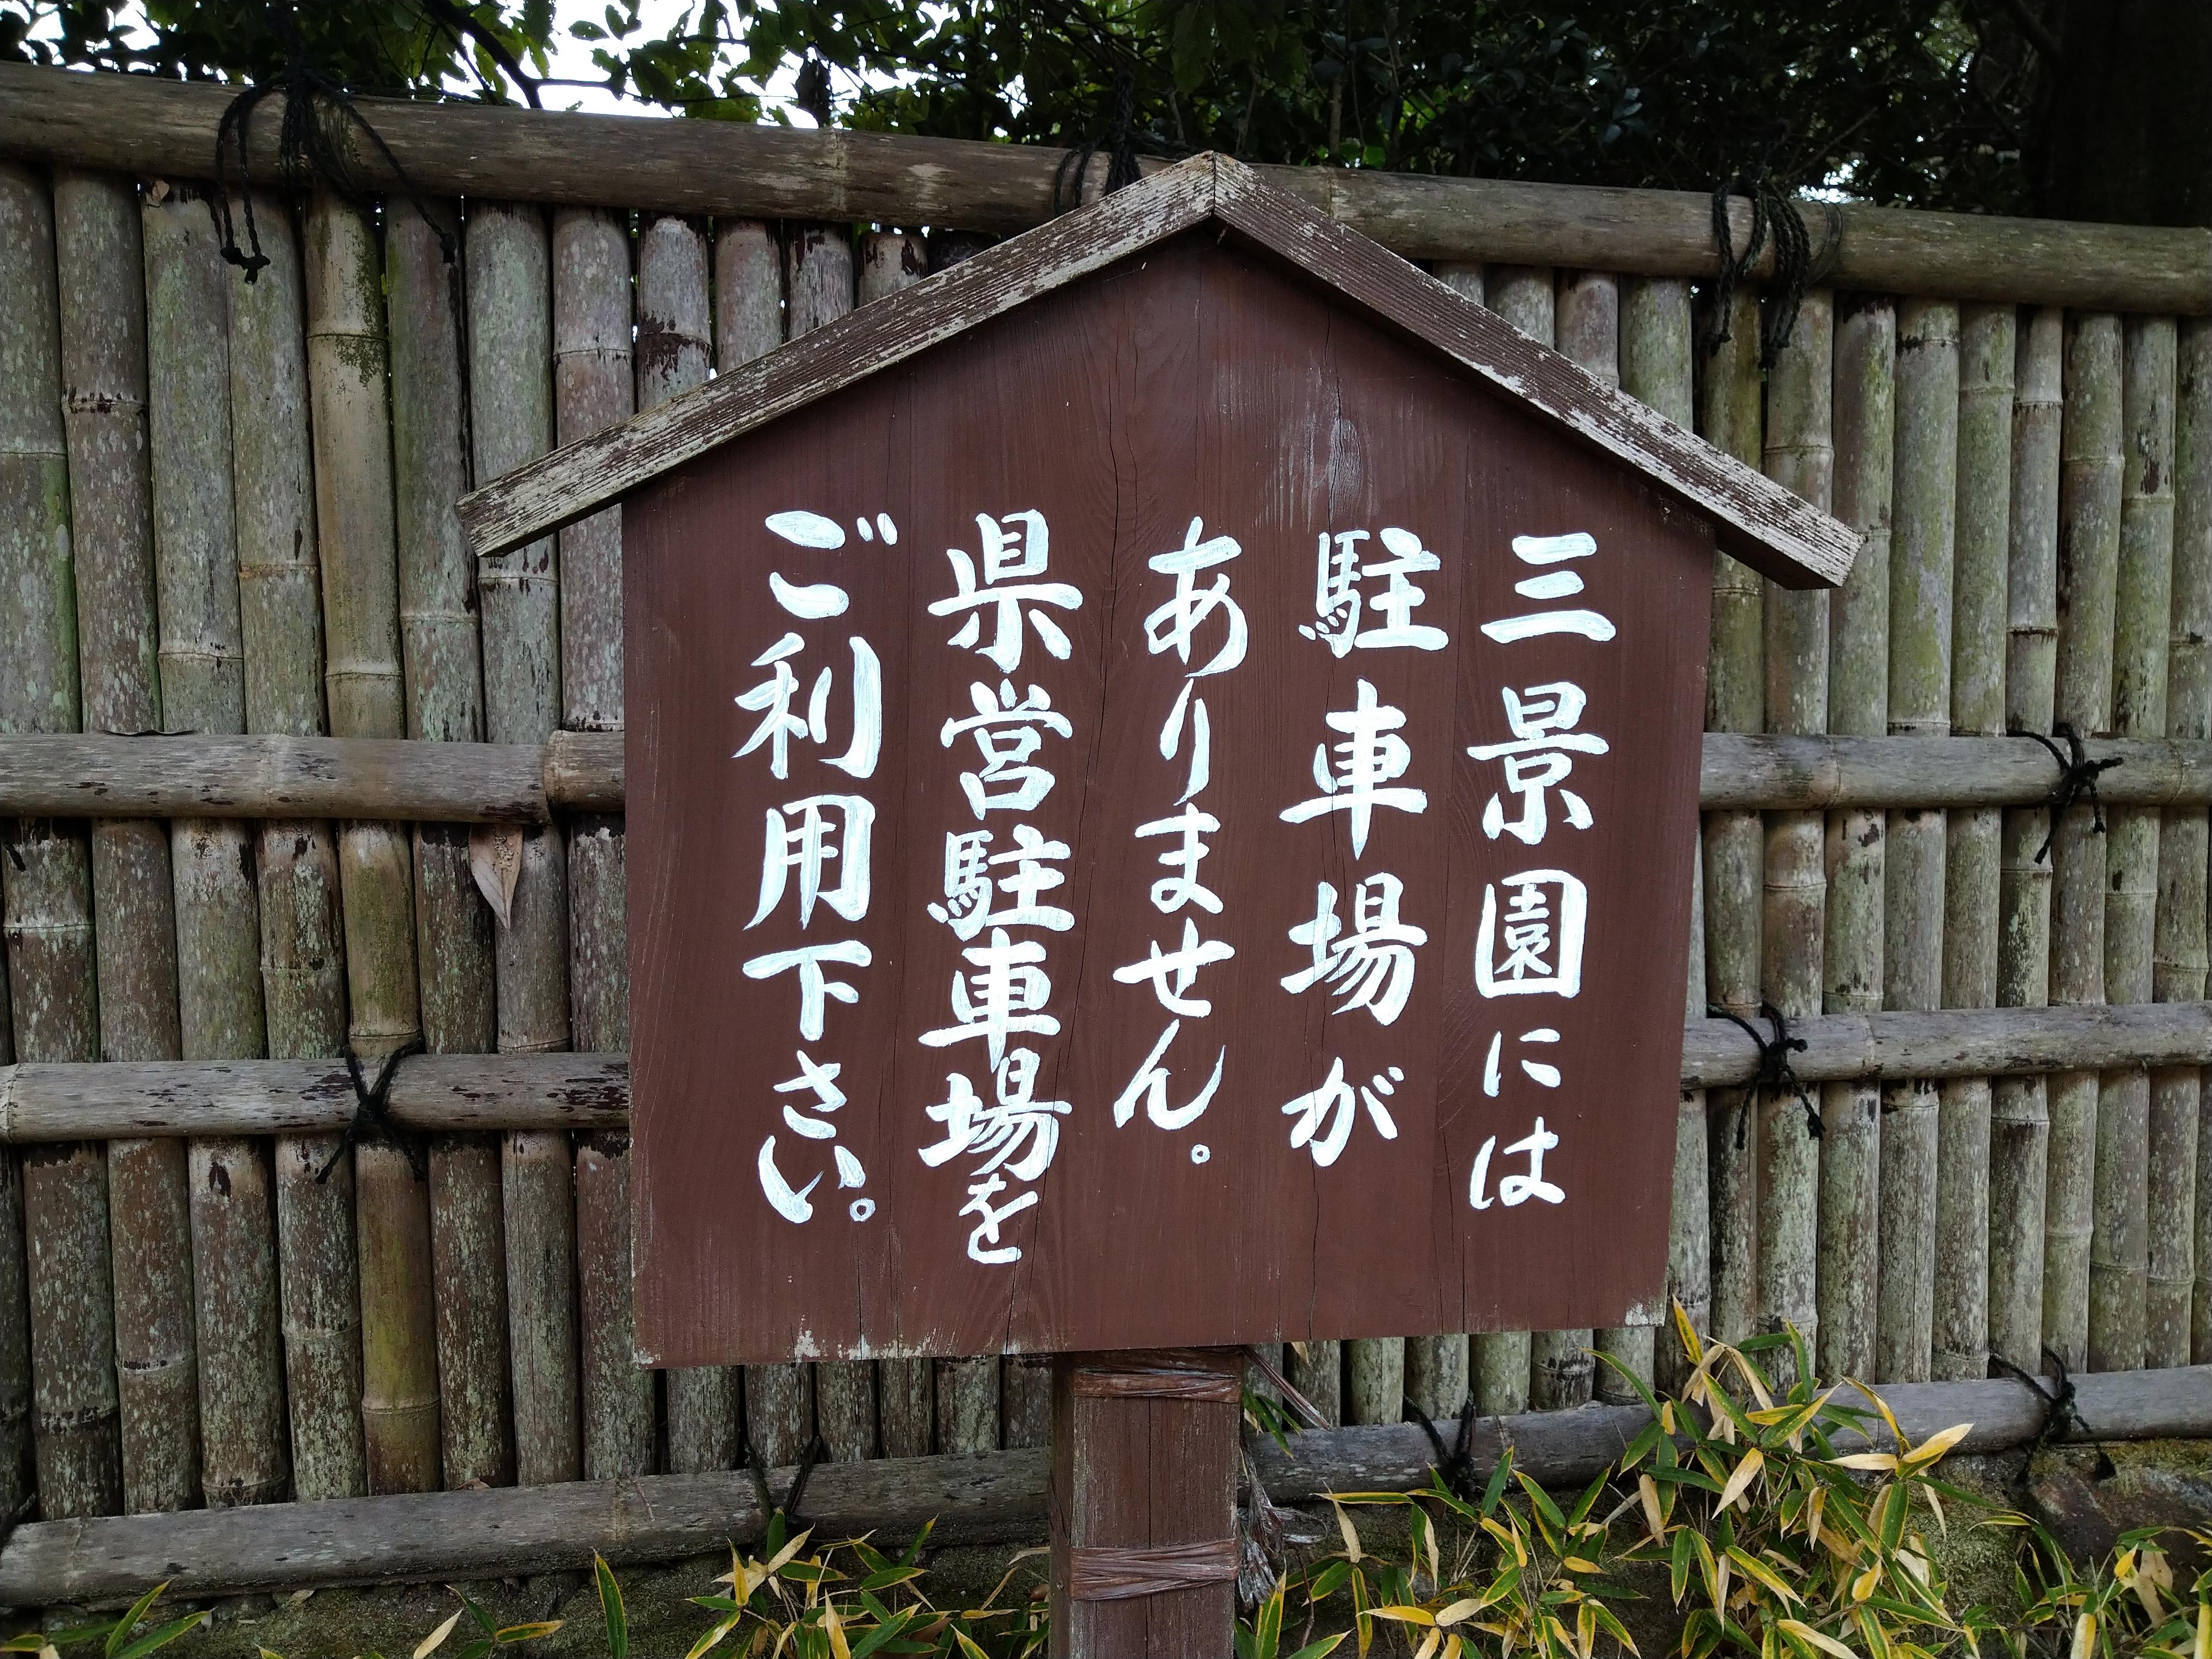 三景園 駐車場の看板